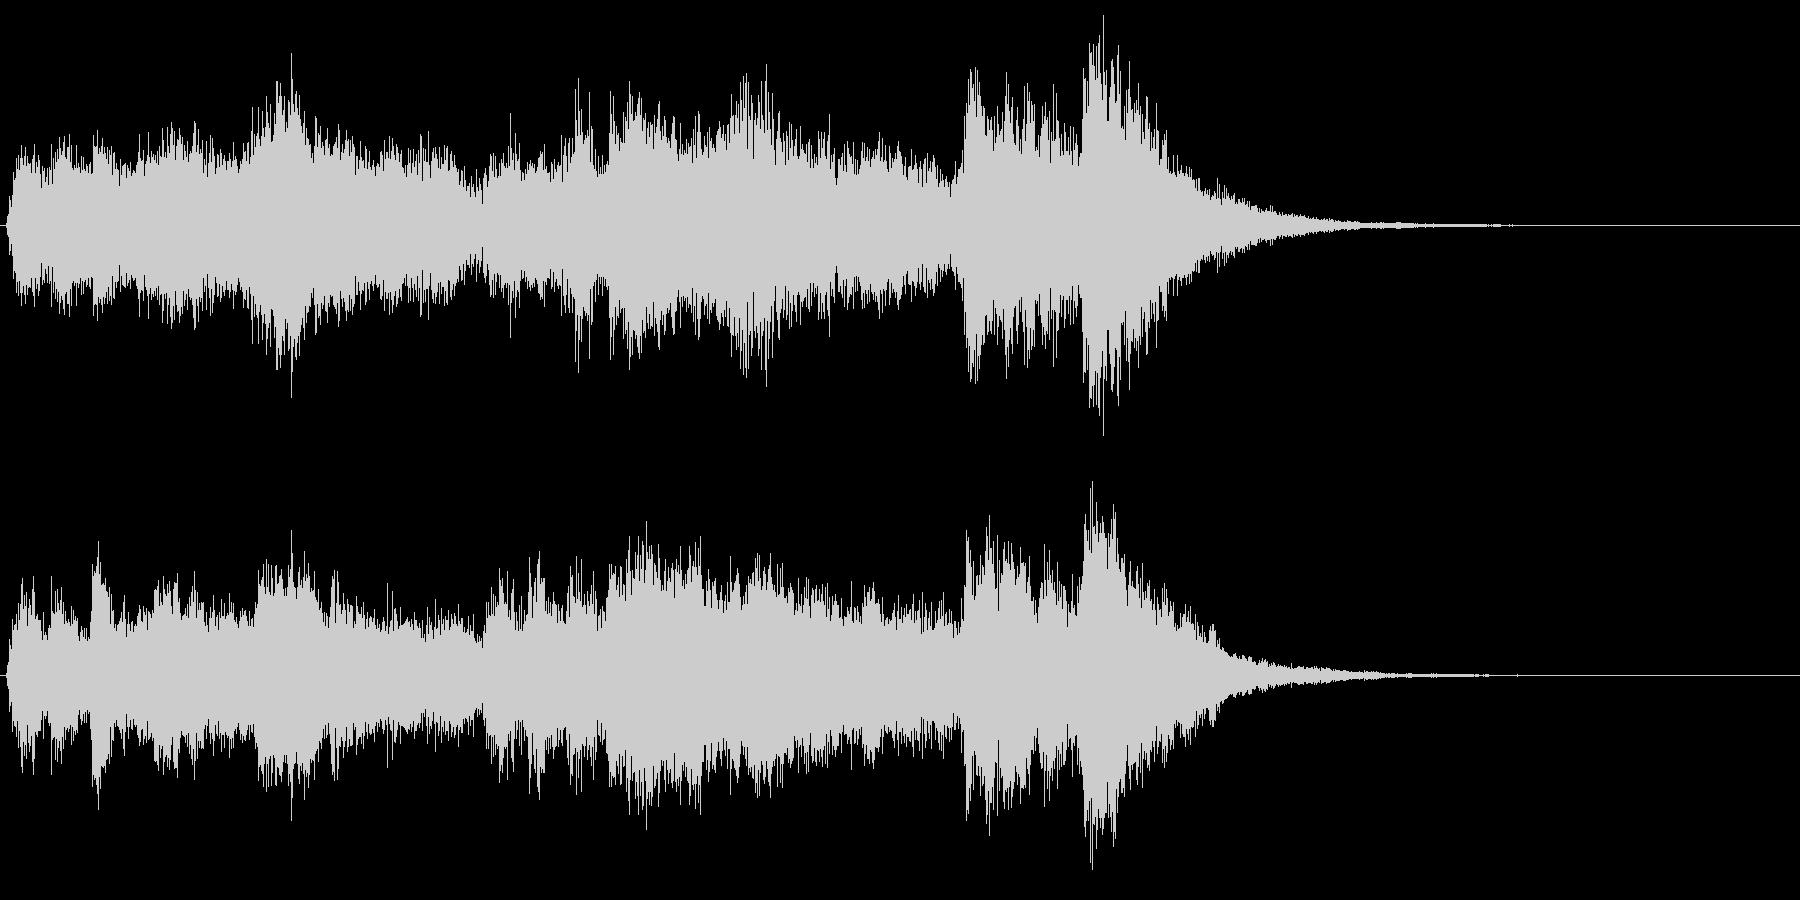 Tp3本、Tb2本によるファンファーレの未再生の波形